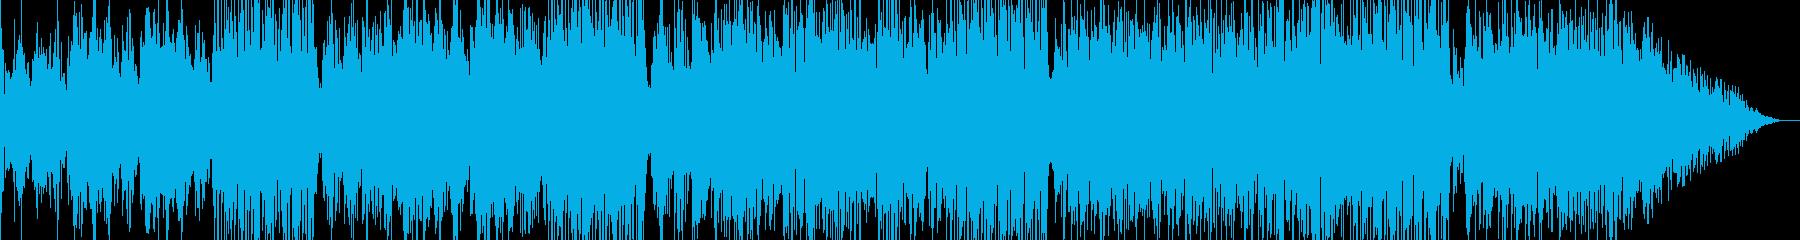 爽やかな海・16ビートの再生済みの波形